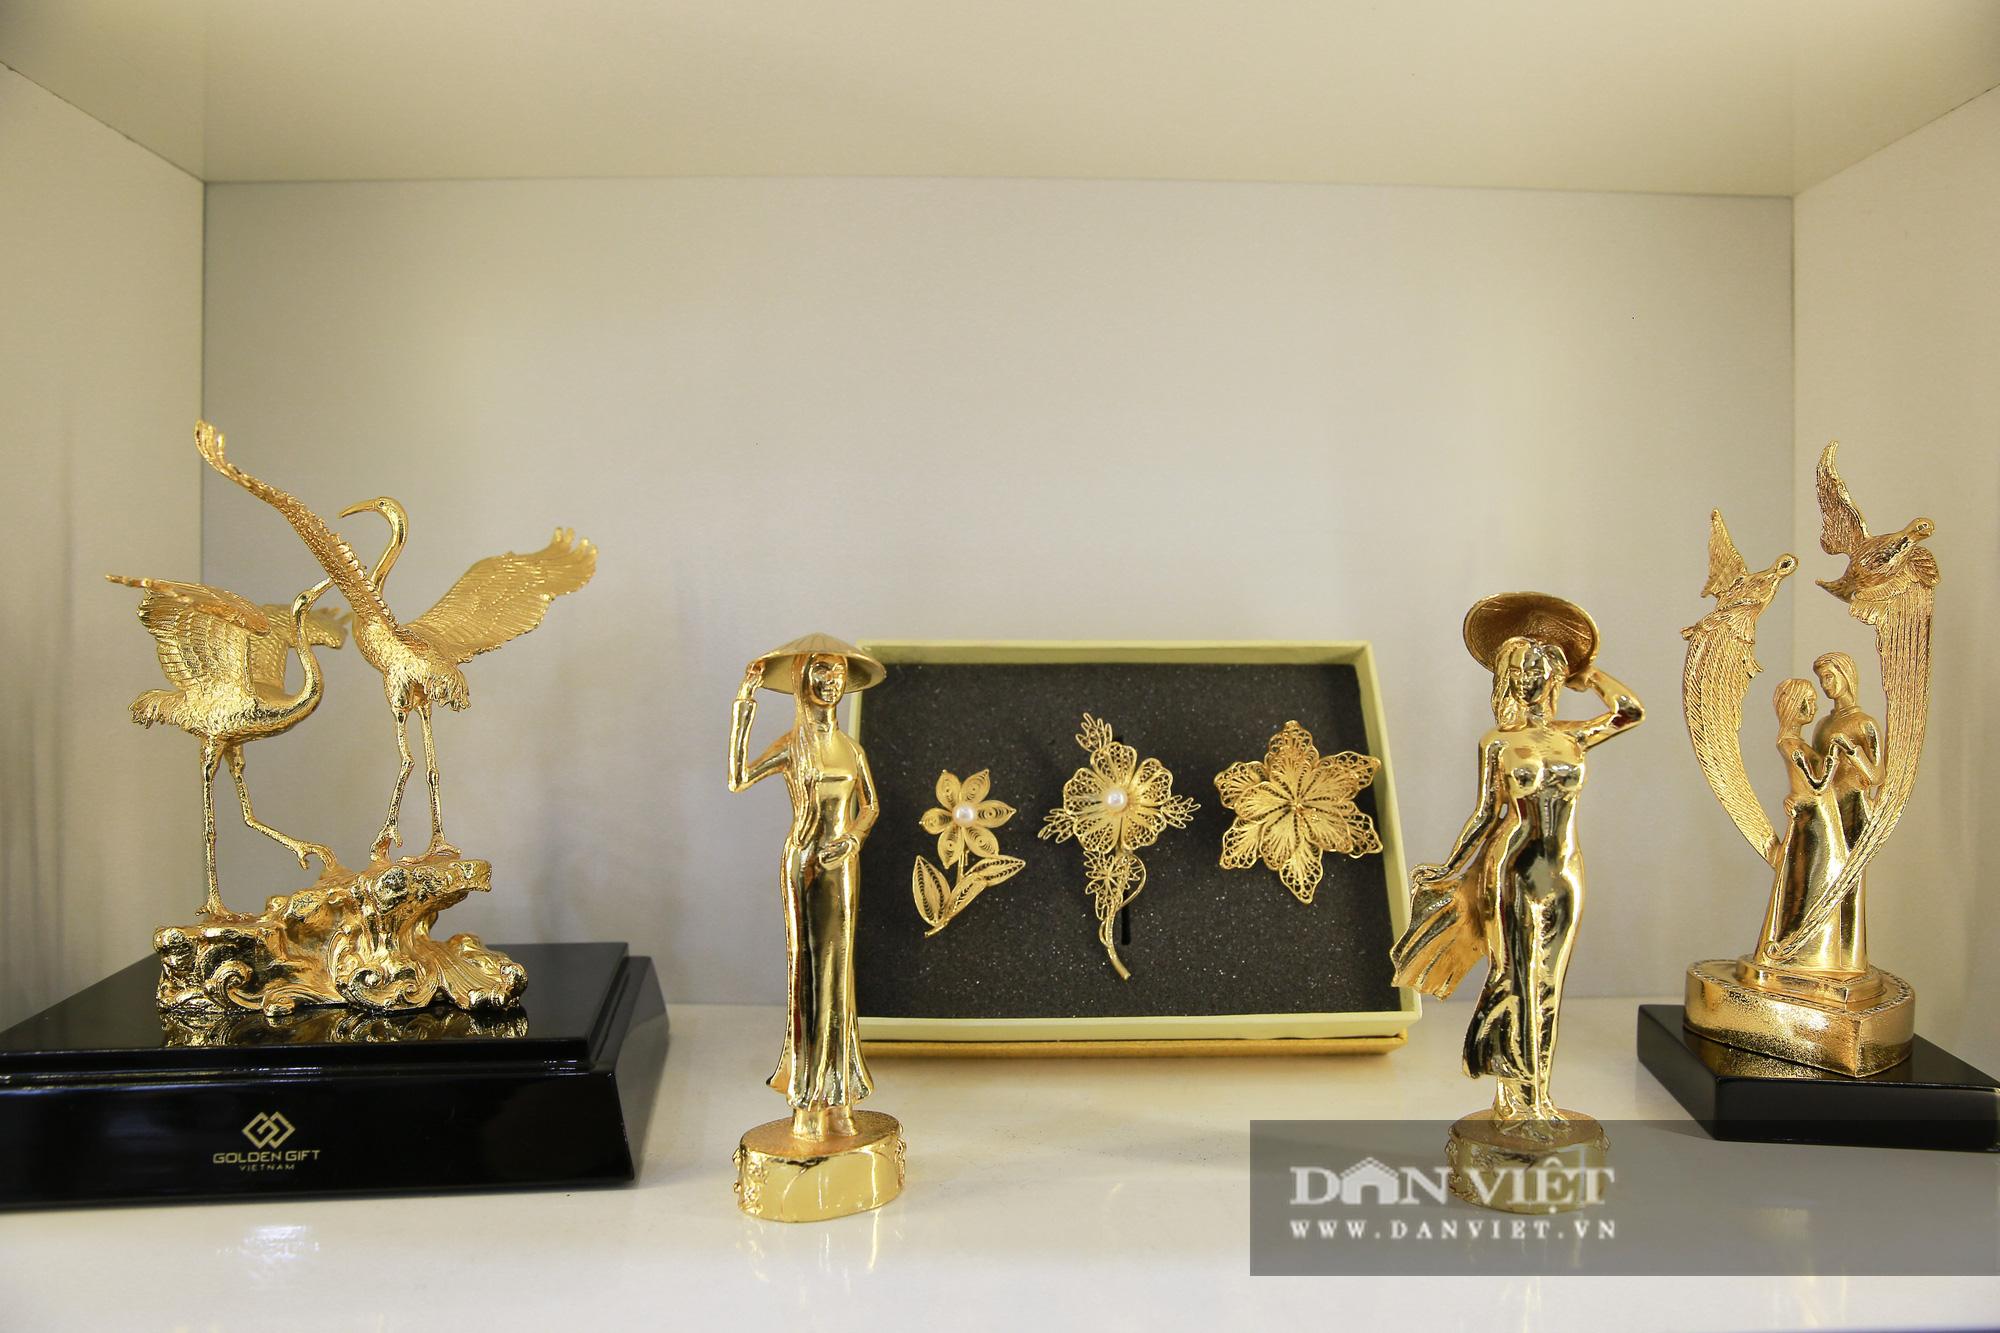 Thị trường quà tặng 8/3: Hoa, tranh, khuy cài áo mạ vàng cực đắt lên ngôi - Ảnh 1.